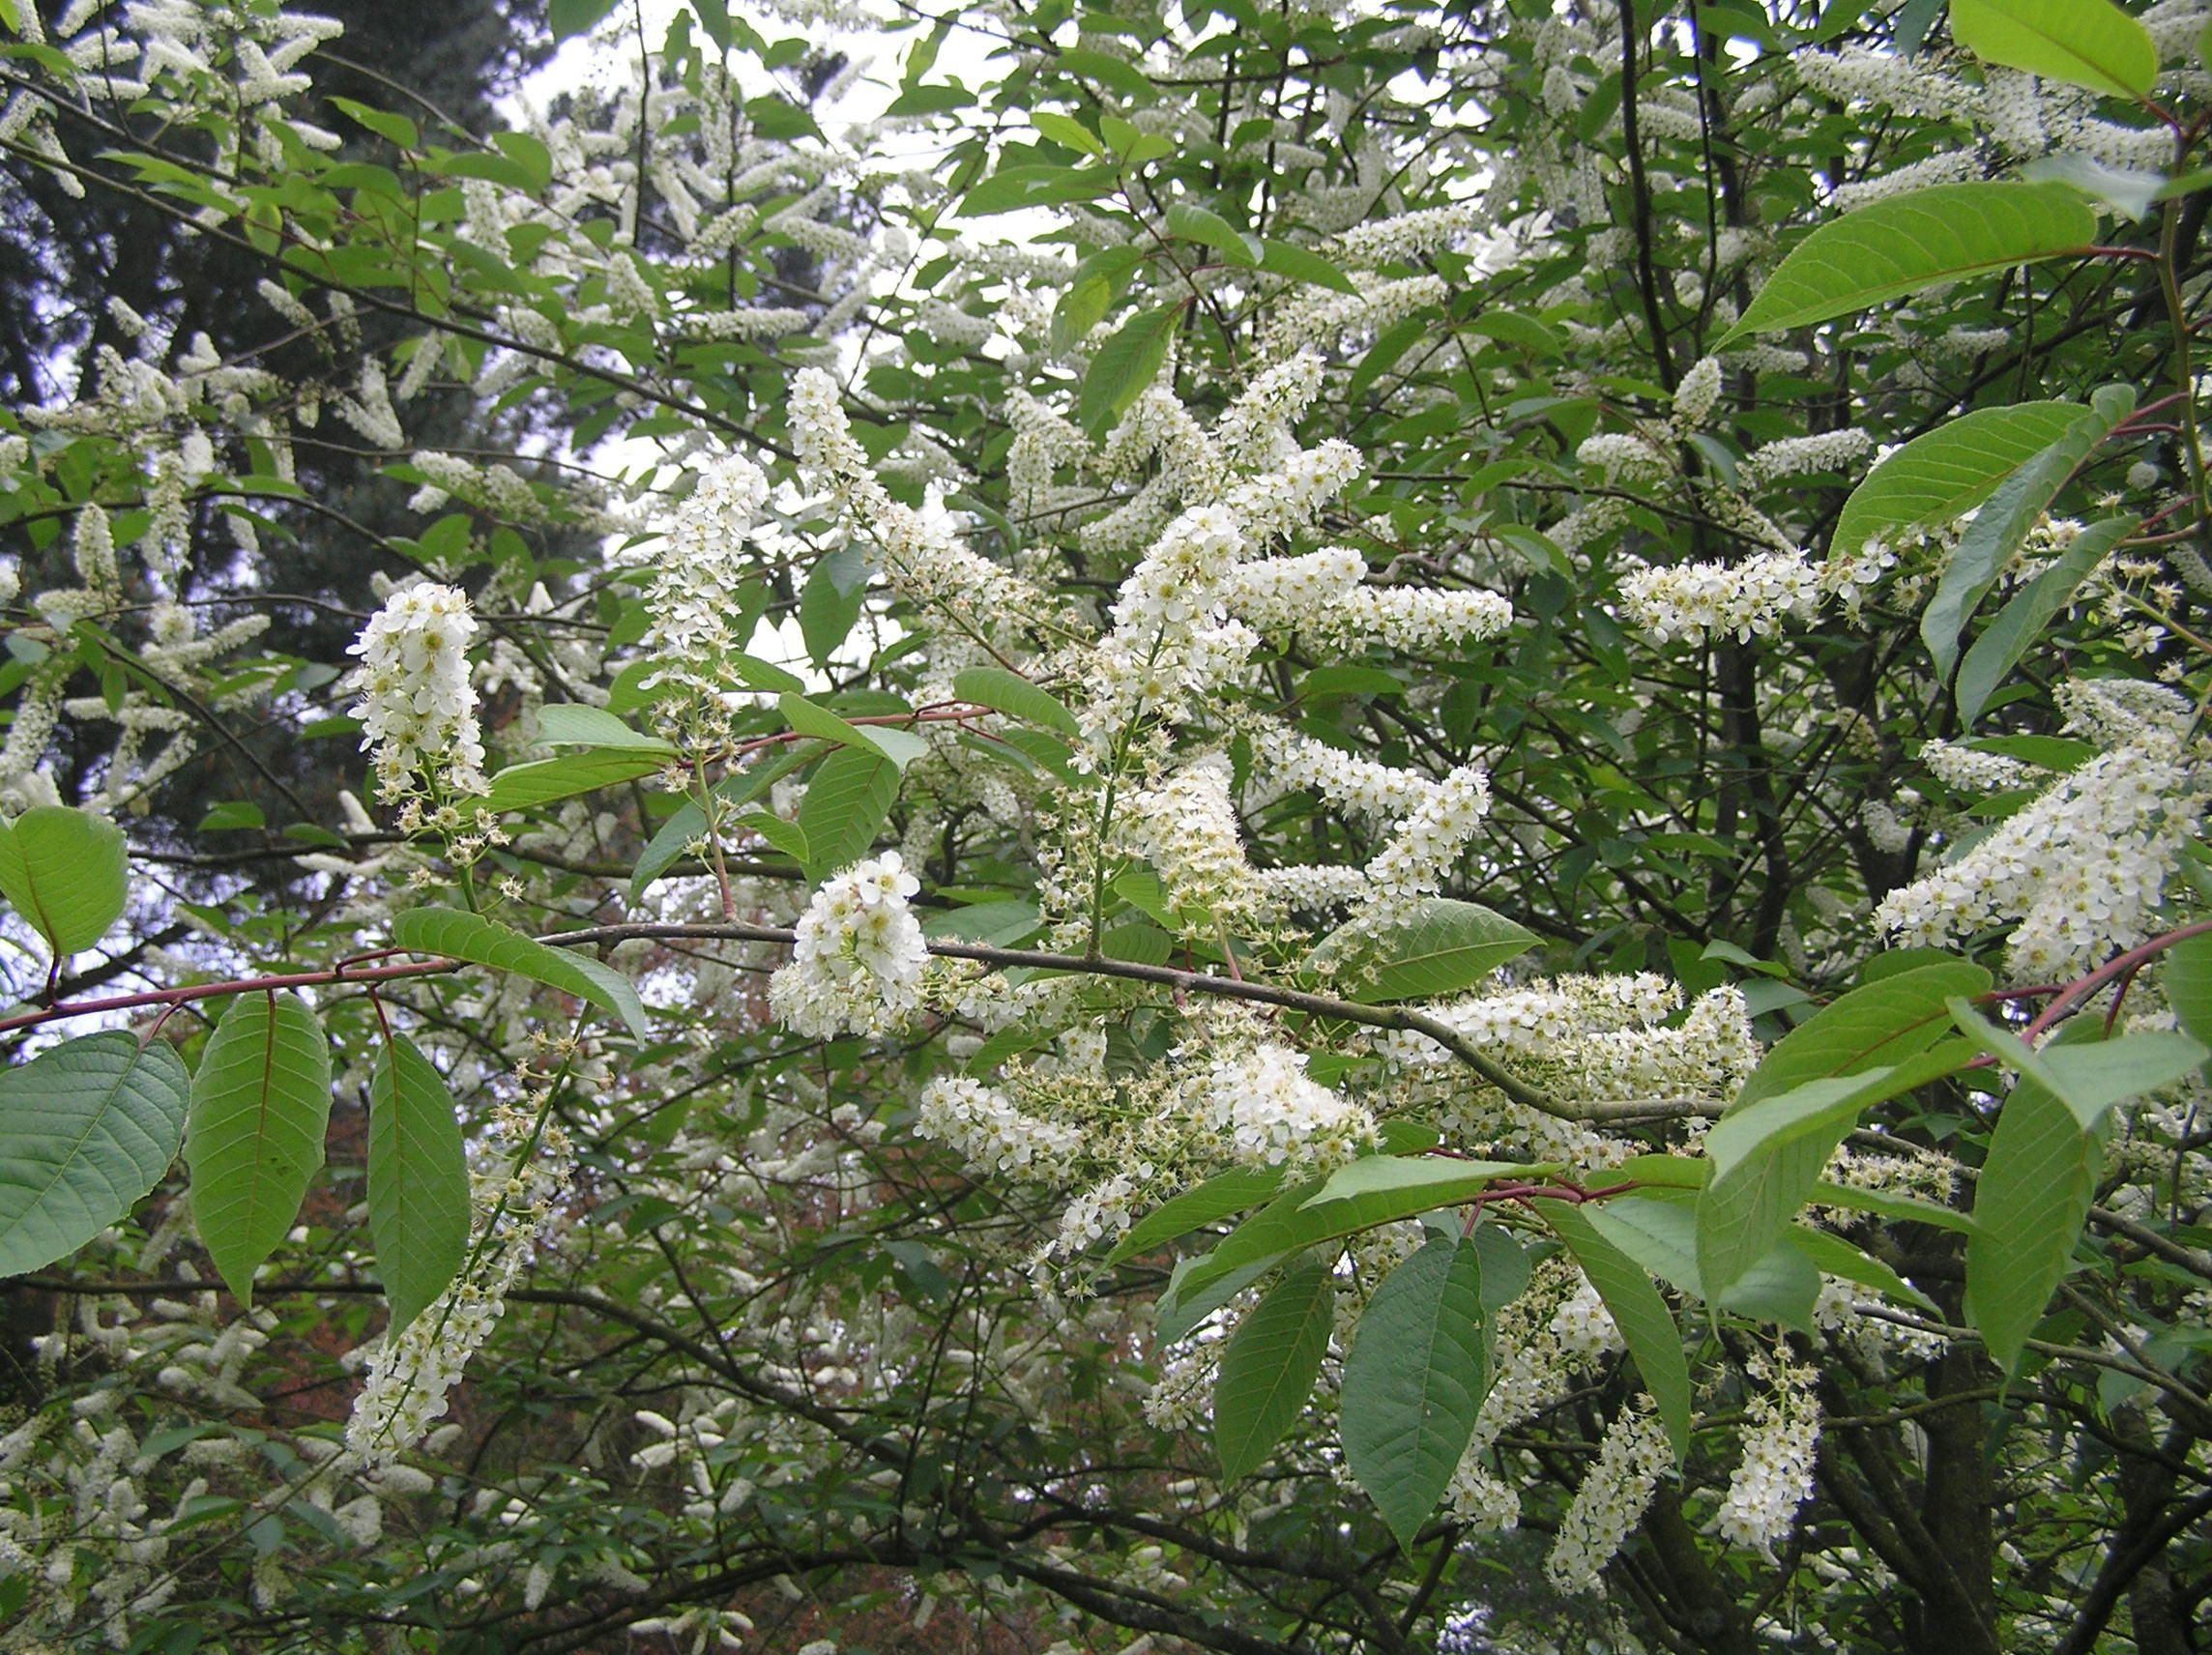 Bird Cherry Prunus Padus Wateri In Flower This Species Is Easy To Spot In April Because Of The Flower Spikes Flower Spike Tree Identification Prunus